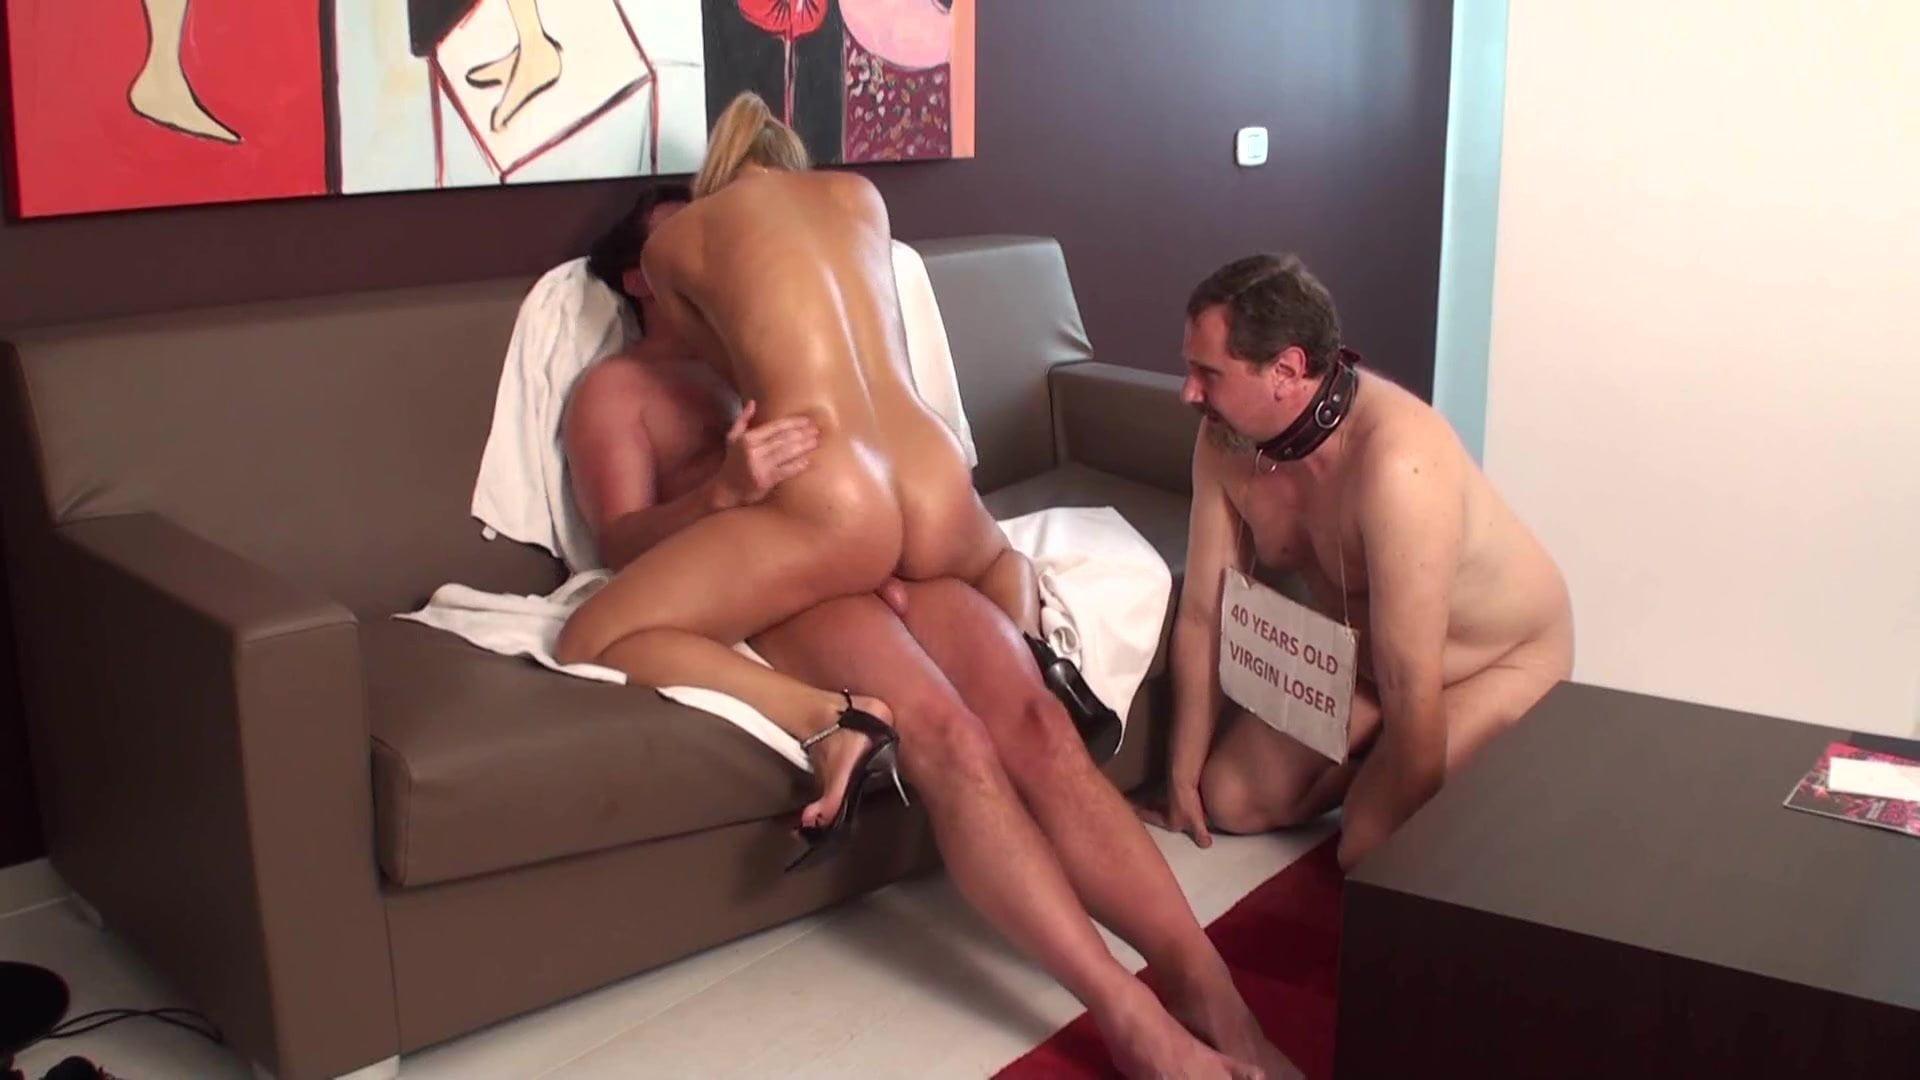 double penetration sex